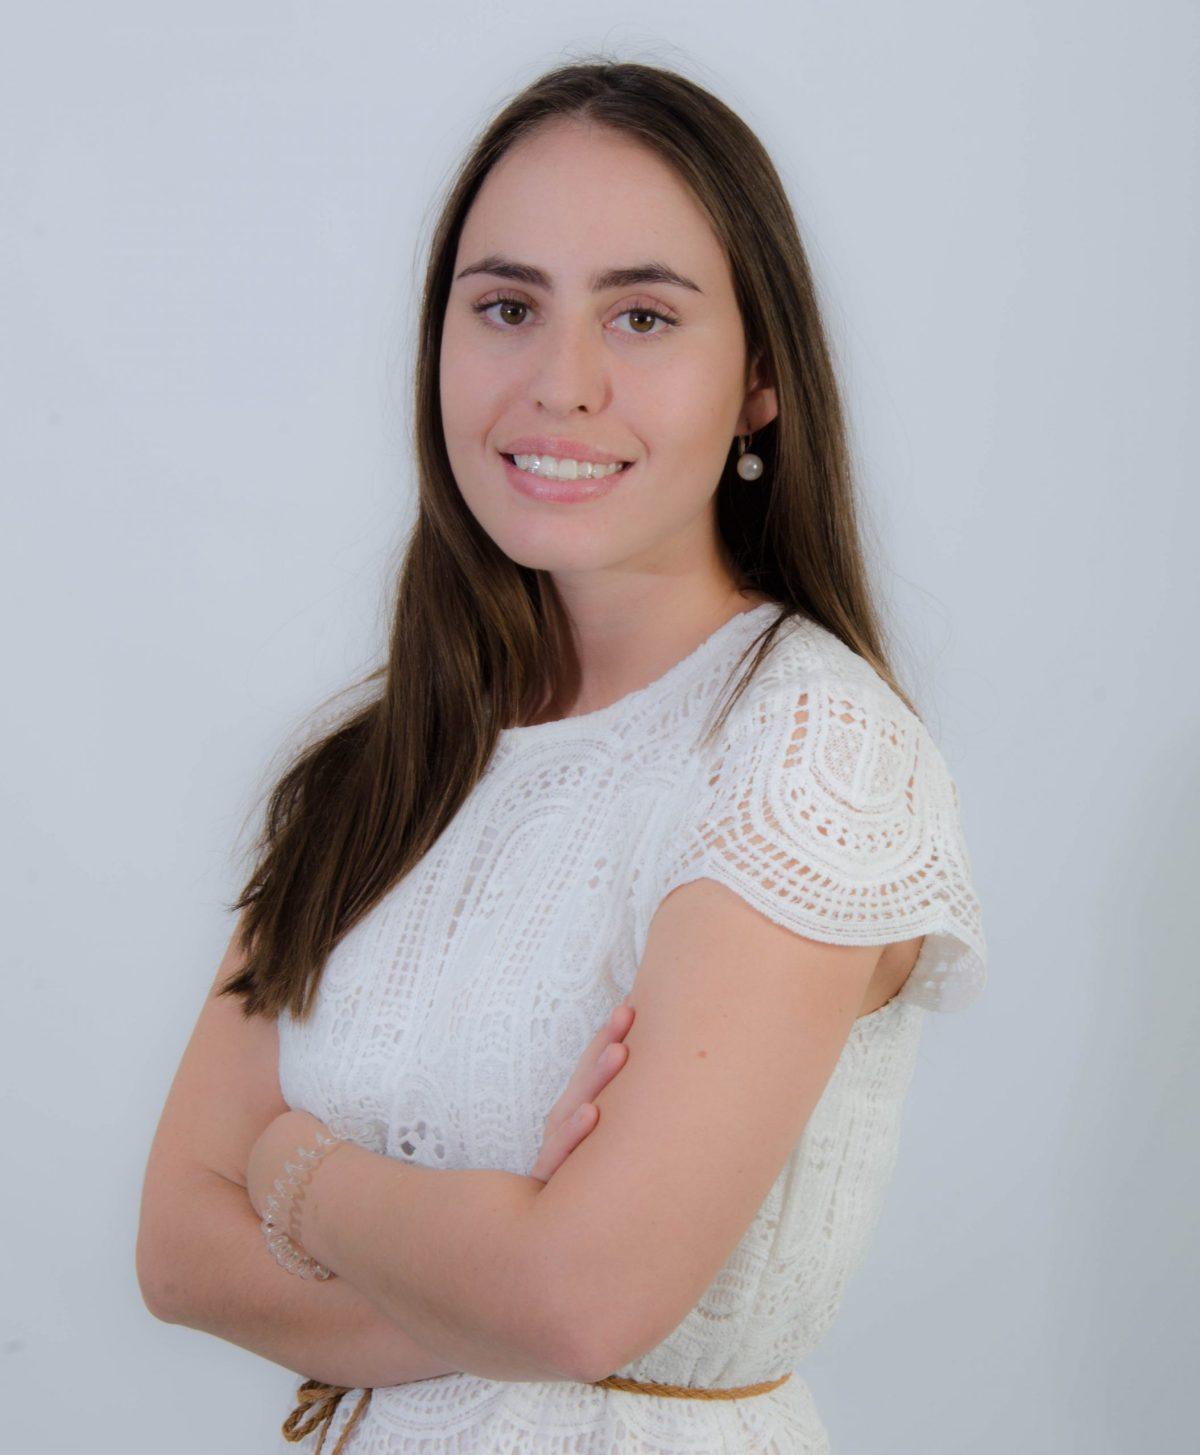 Maria Paula Jijon